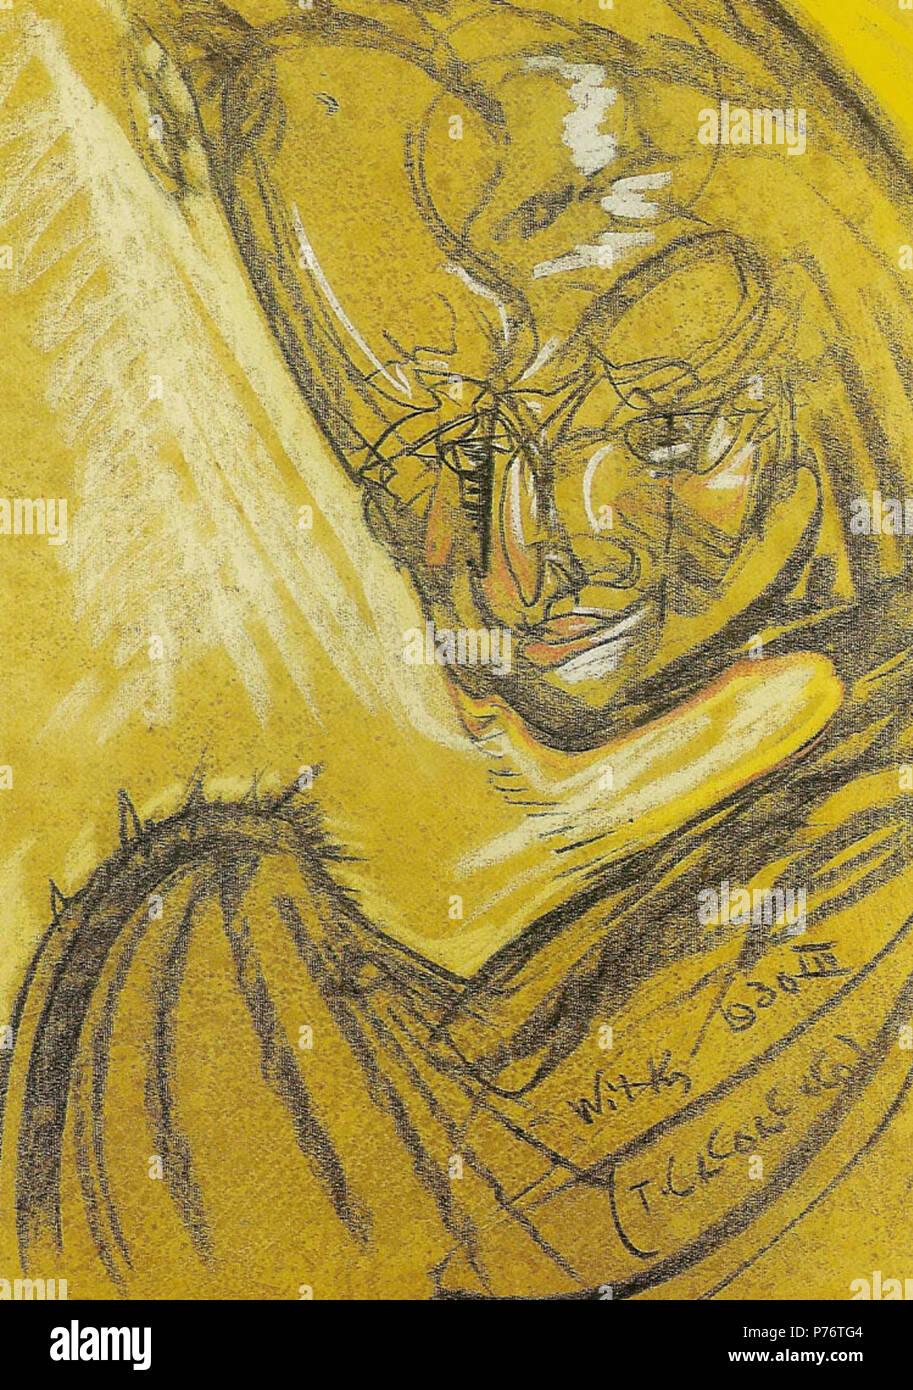 Polski: 'Portret Artura Schroedera', na papierze pastel, 63 x 48 cm, Muzeum Pomorza, rodkowego Supsk . 3 mars 1930 Witkacy-Portret Schroedera Artura Banque D'Images